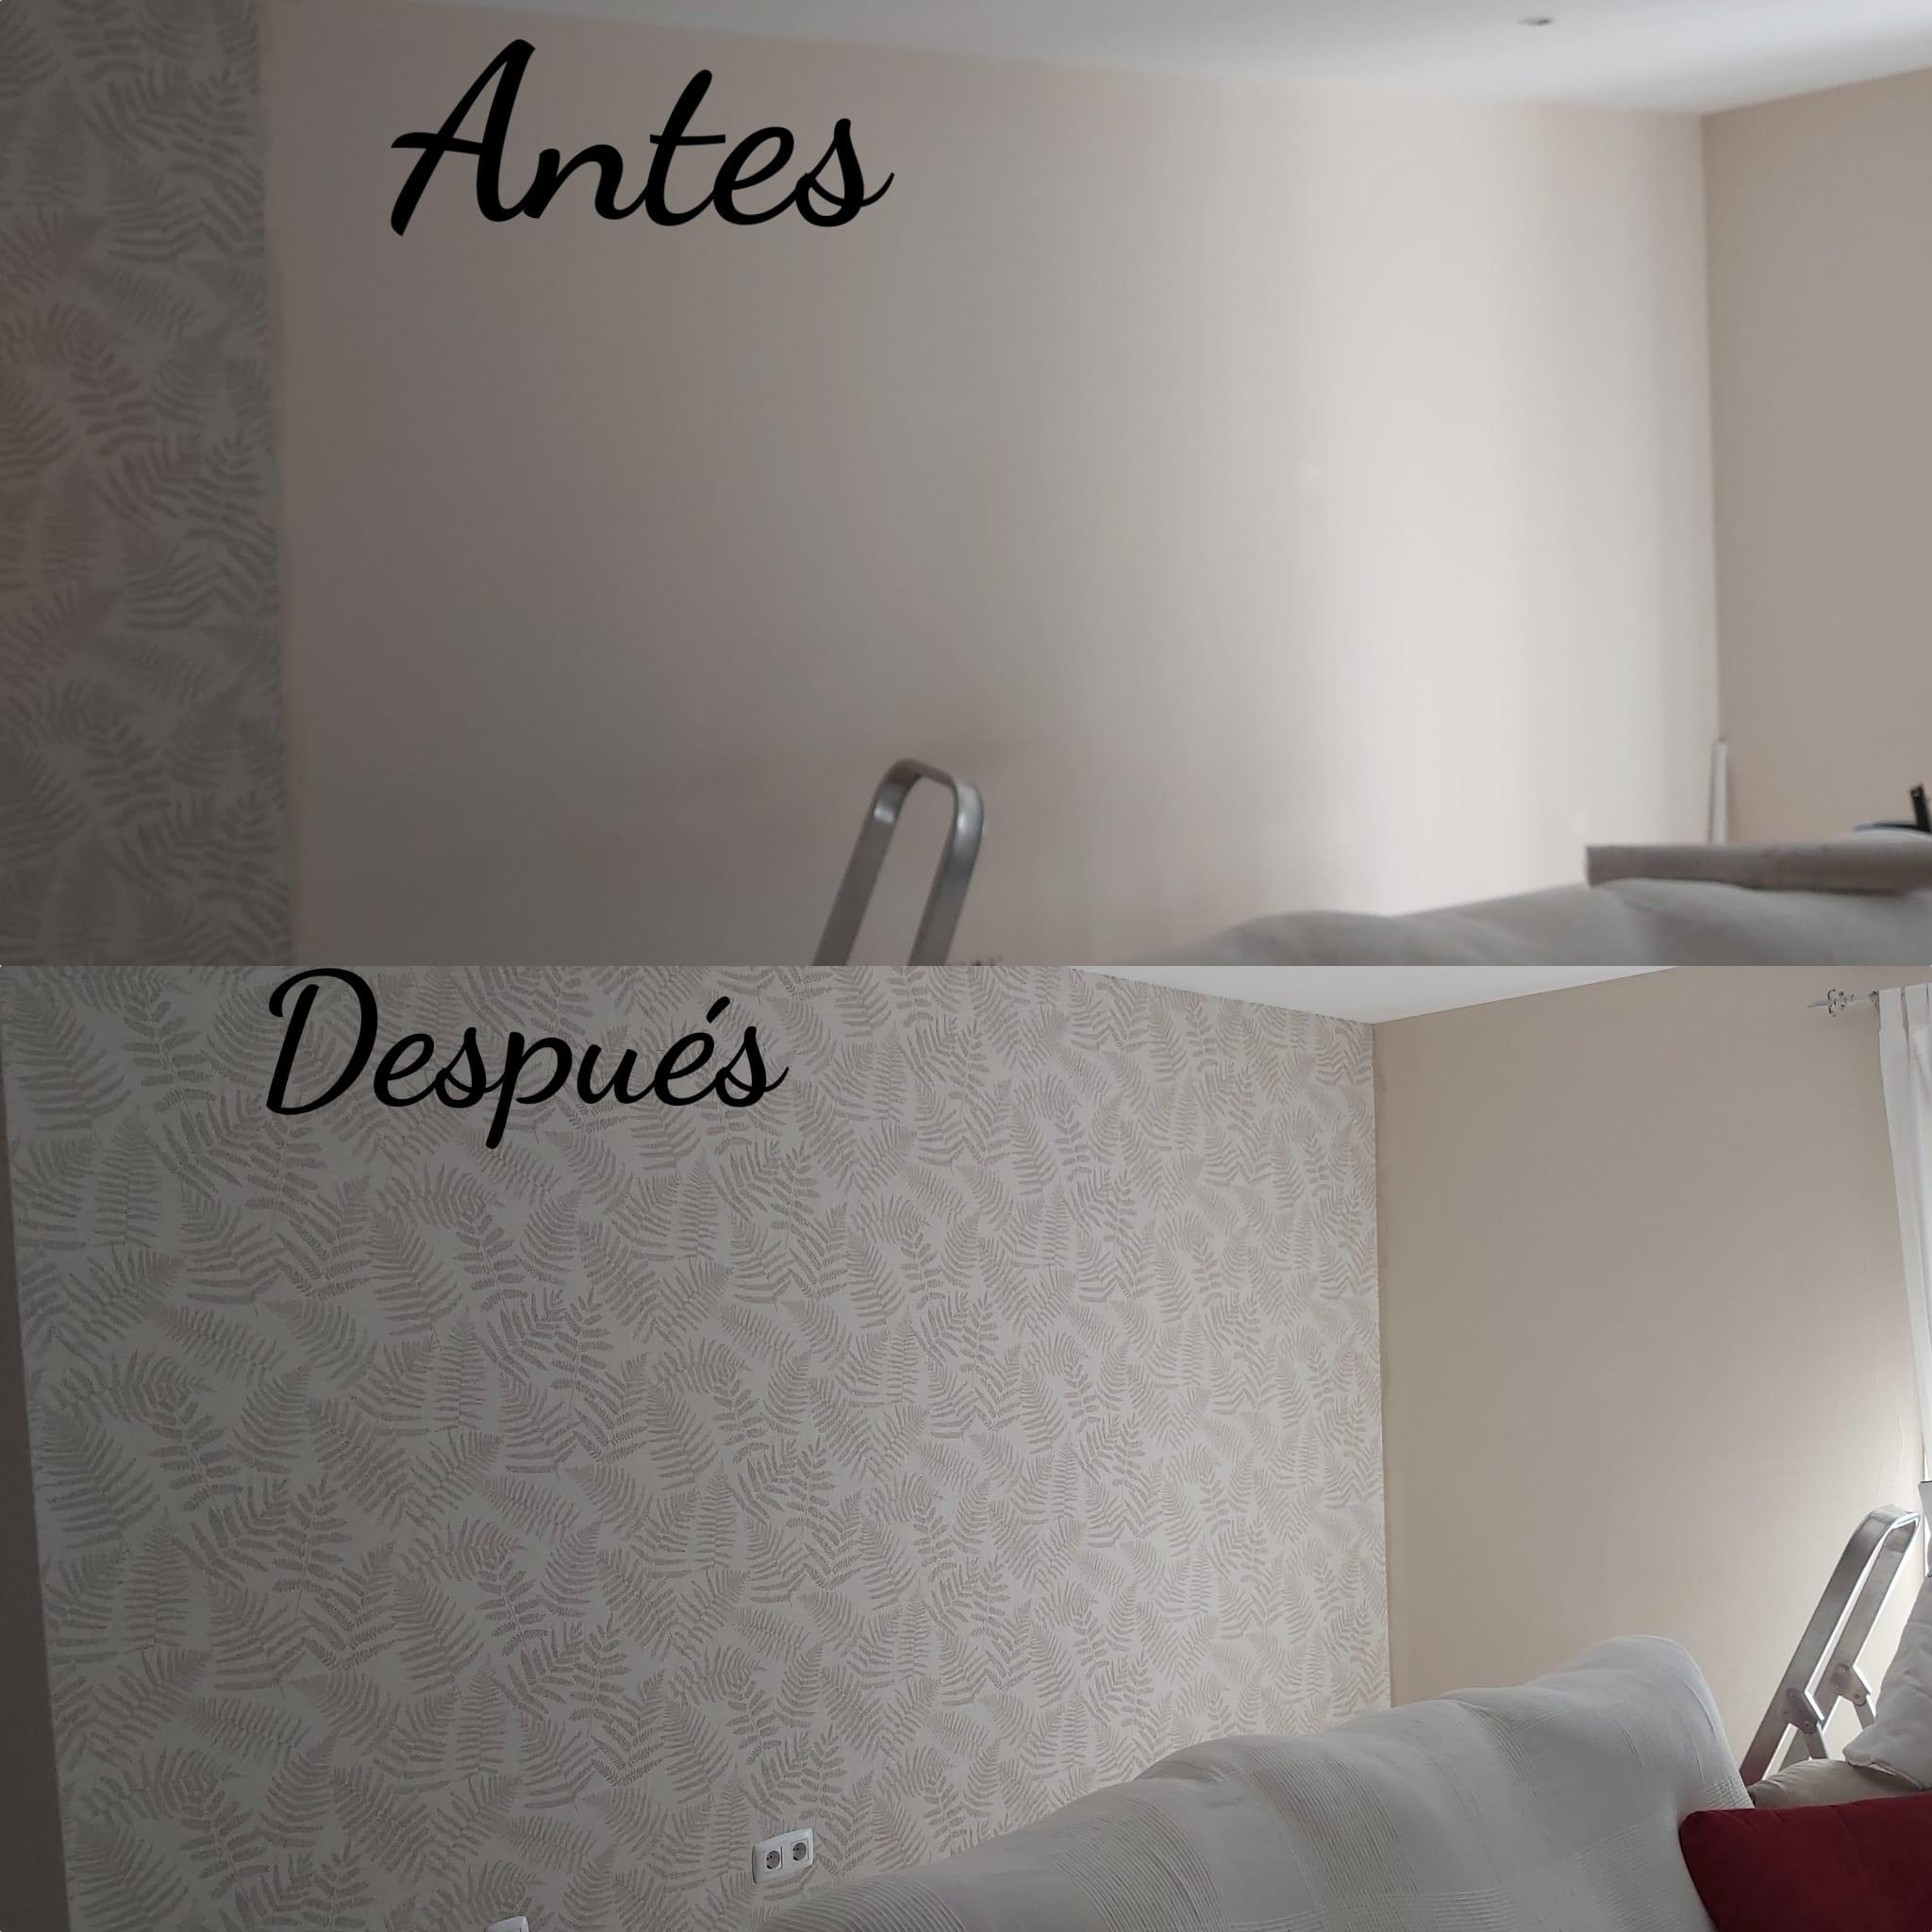 Empresa de pintores. Decoración de salón con papel pintado